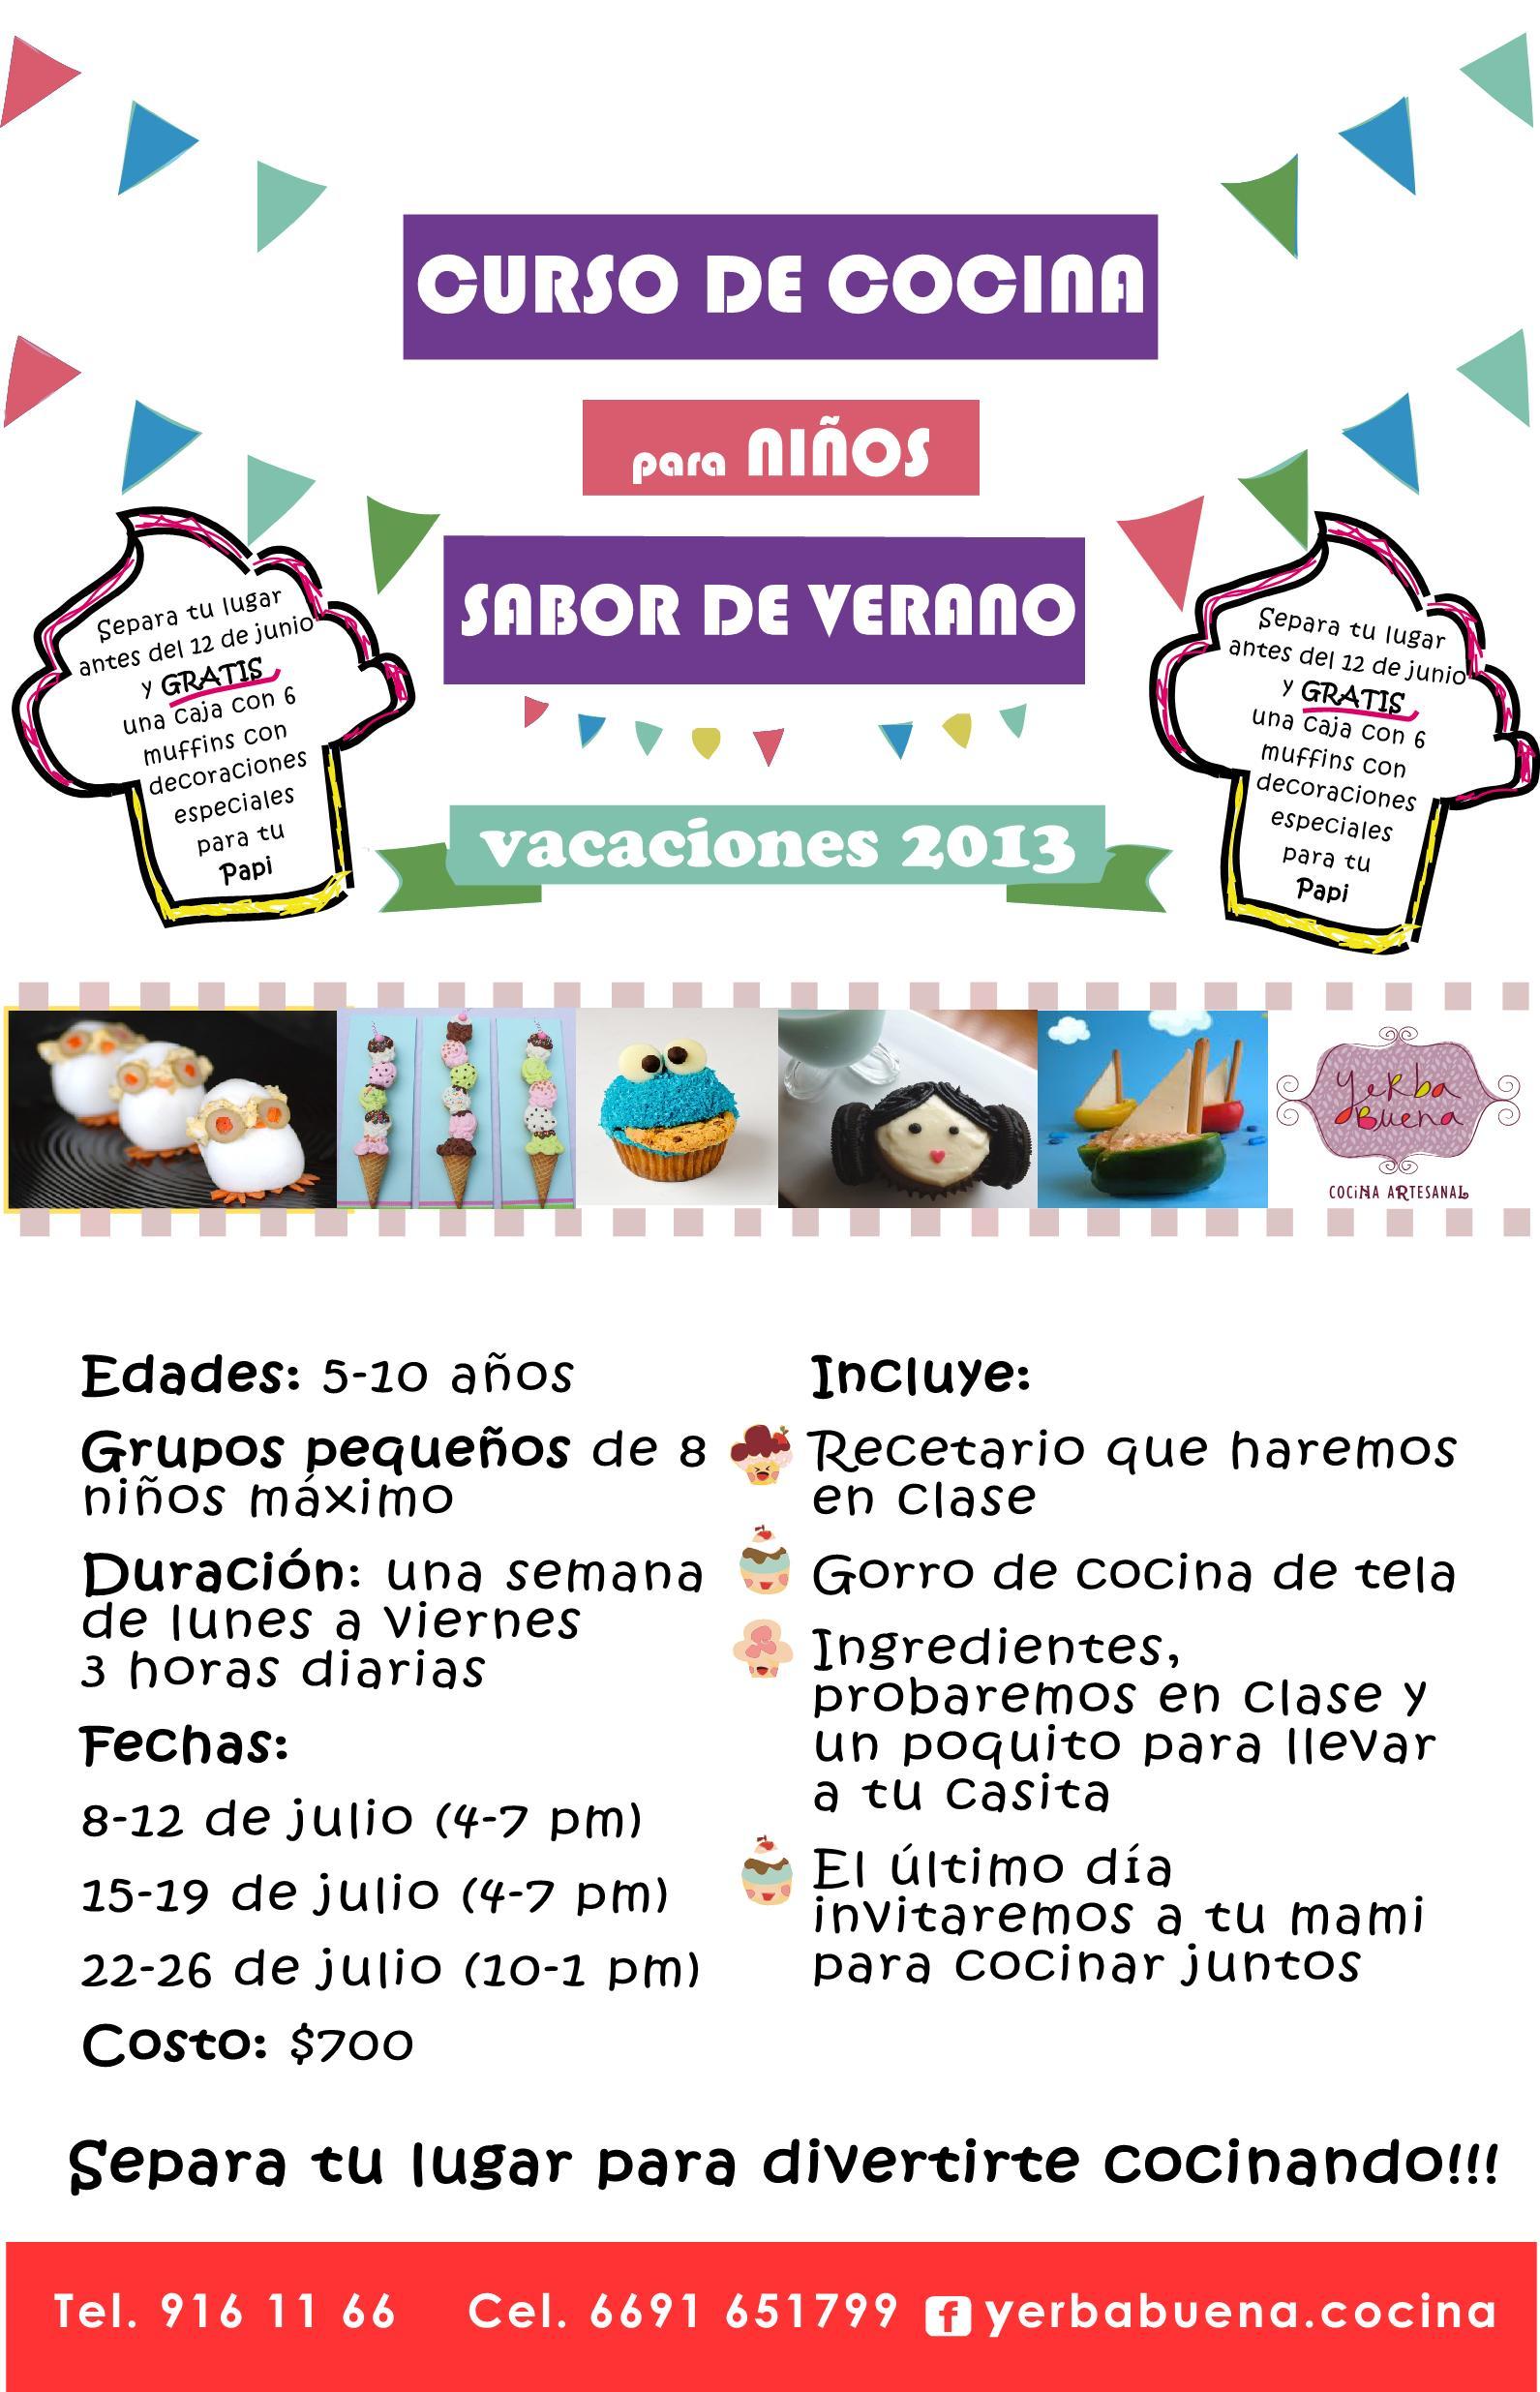 Curso yerbabuena cocina for Cursos de cocina para ninos madrid